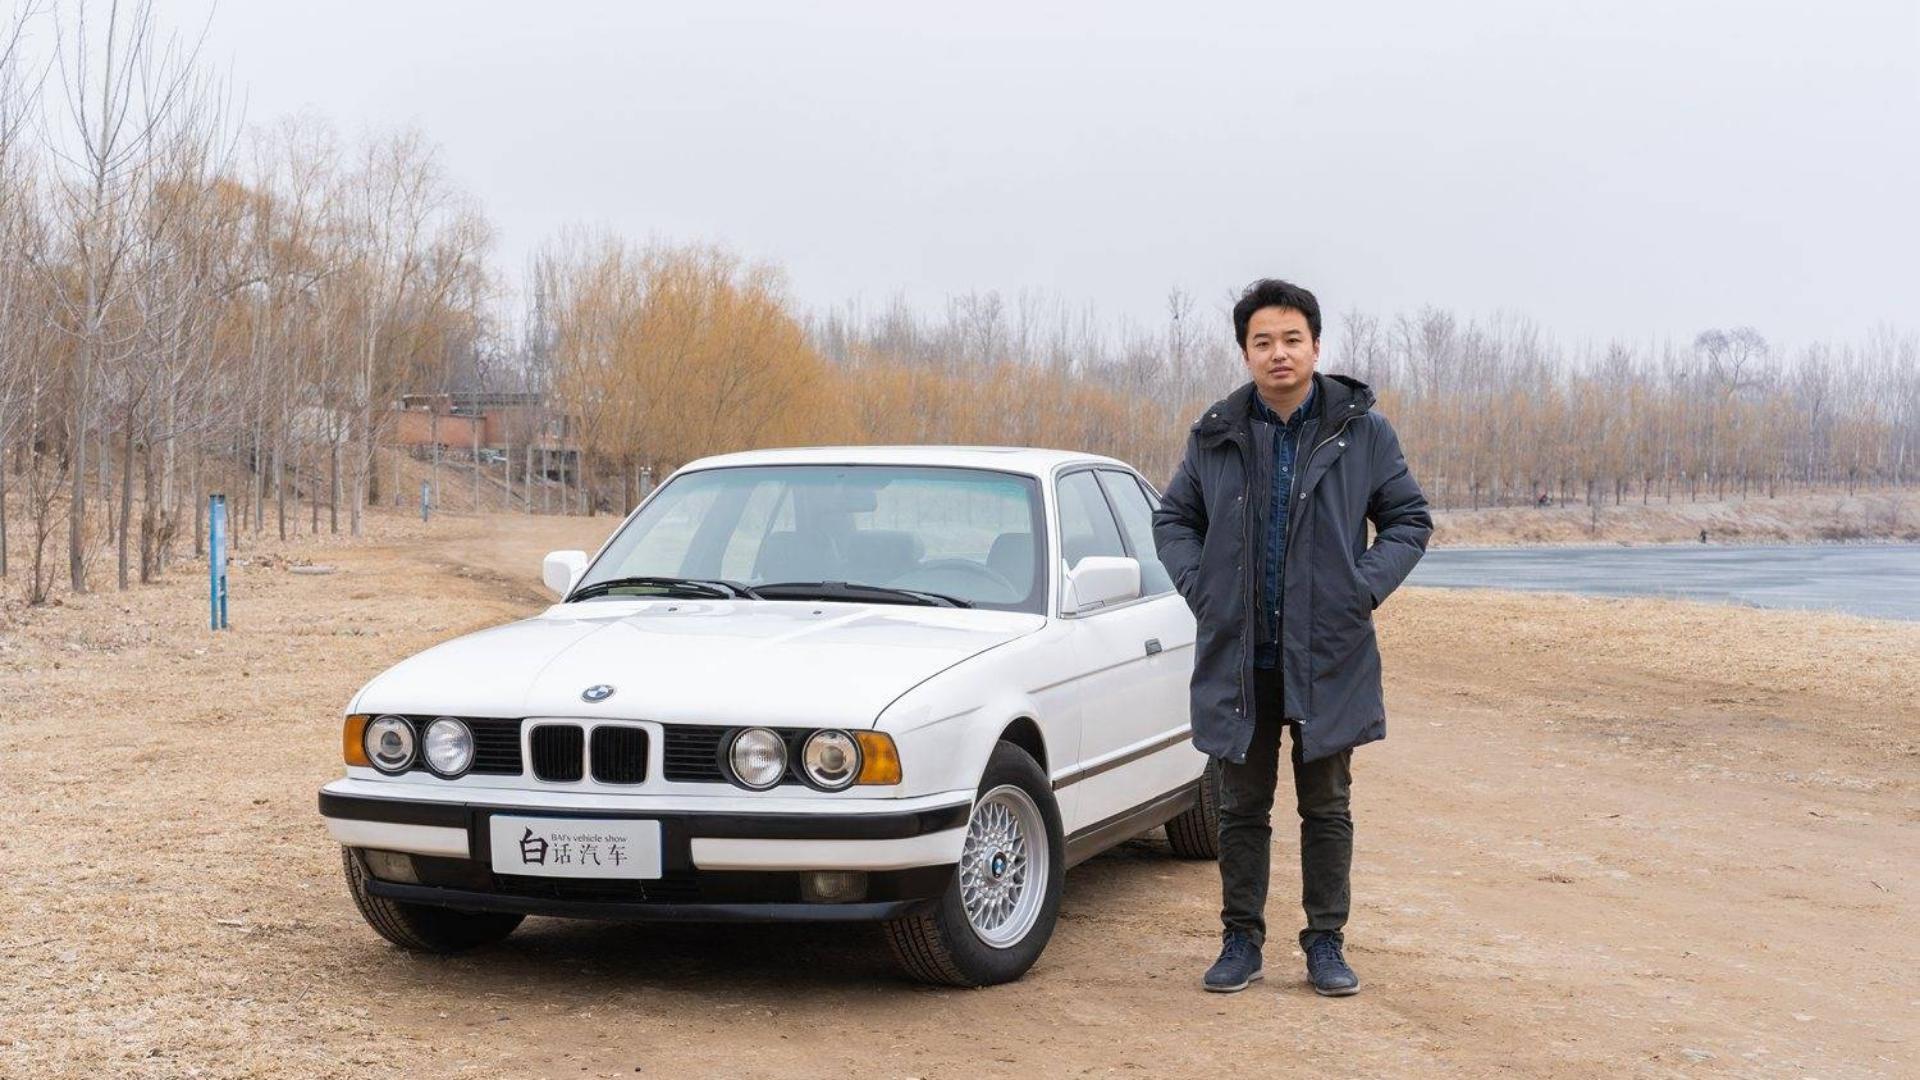 开宝马坐奔驰——将运动基因带入中国的宝马5系E34